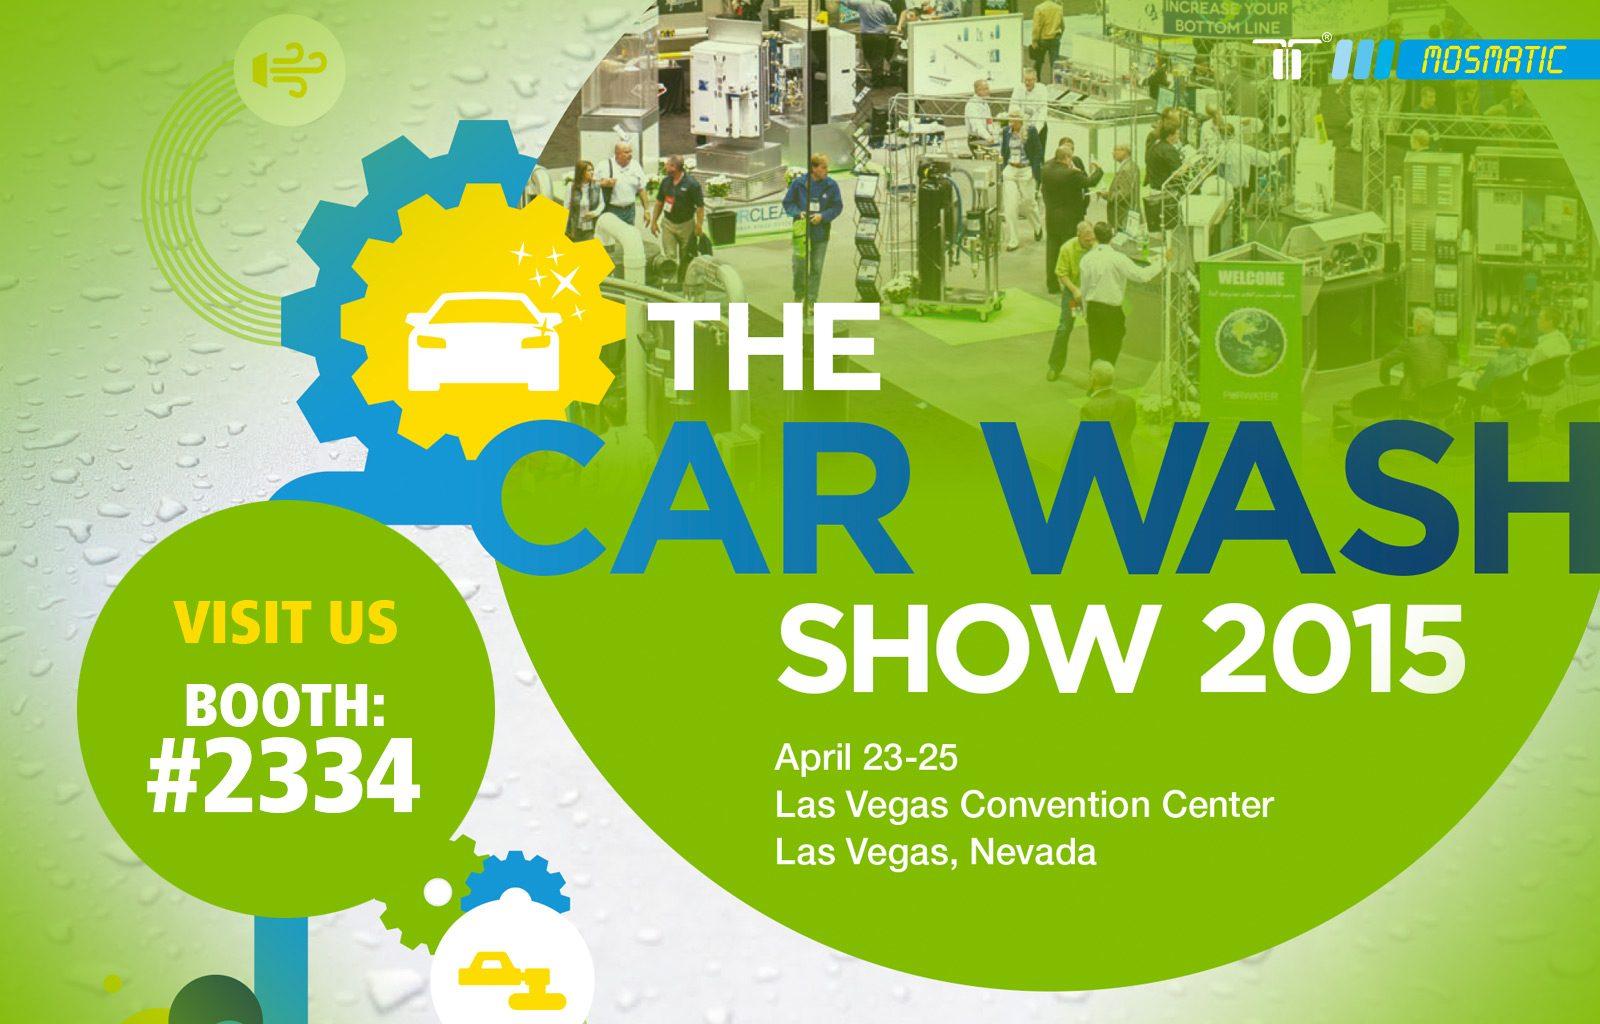 The Car Wash Show 2015